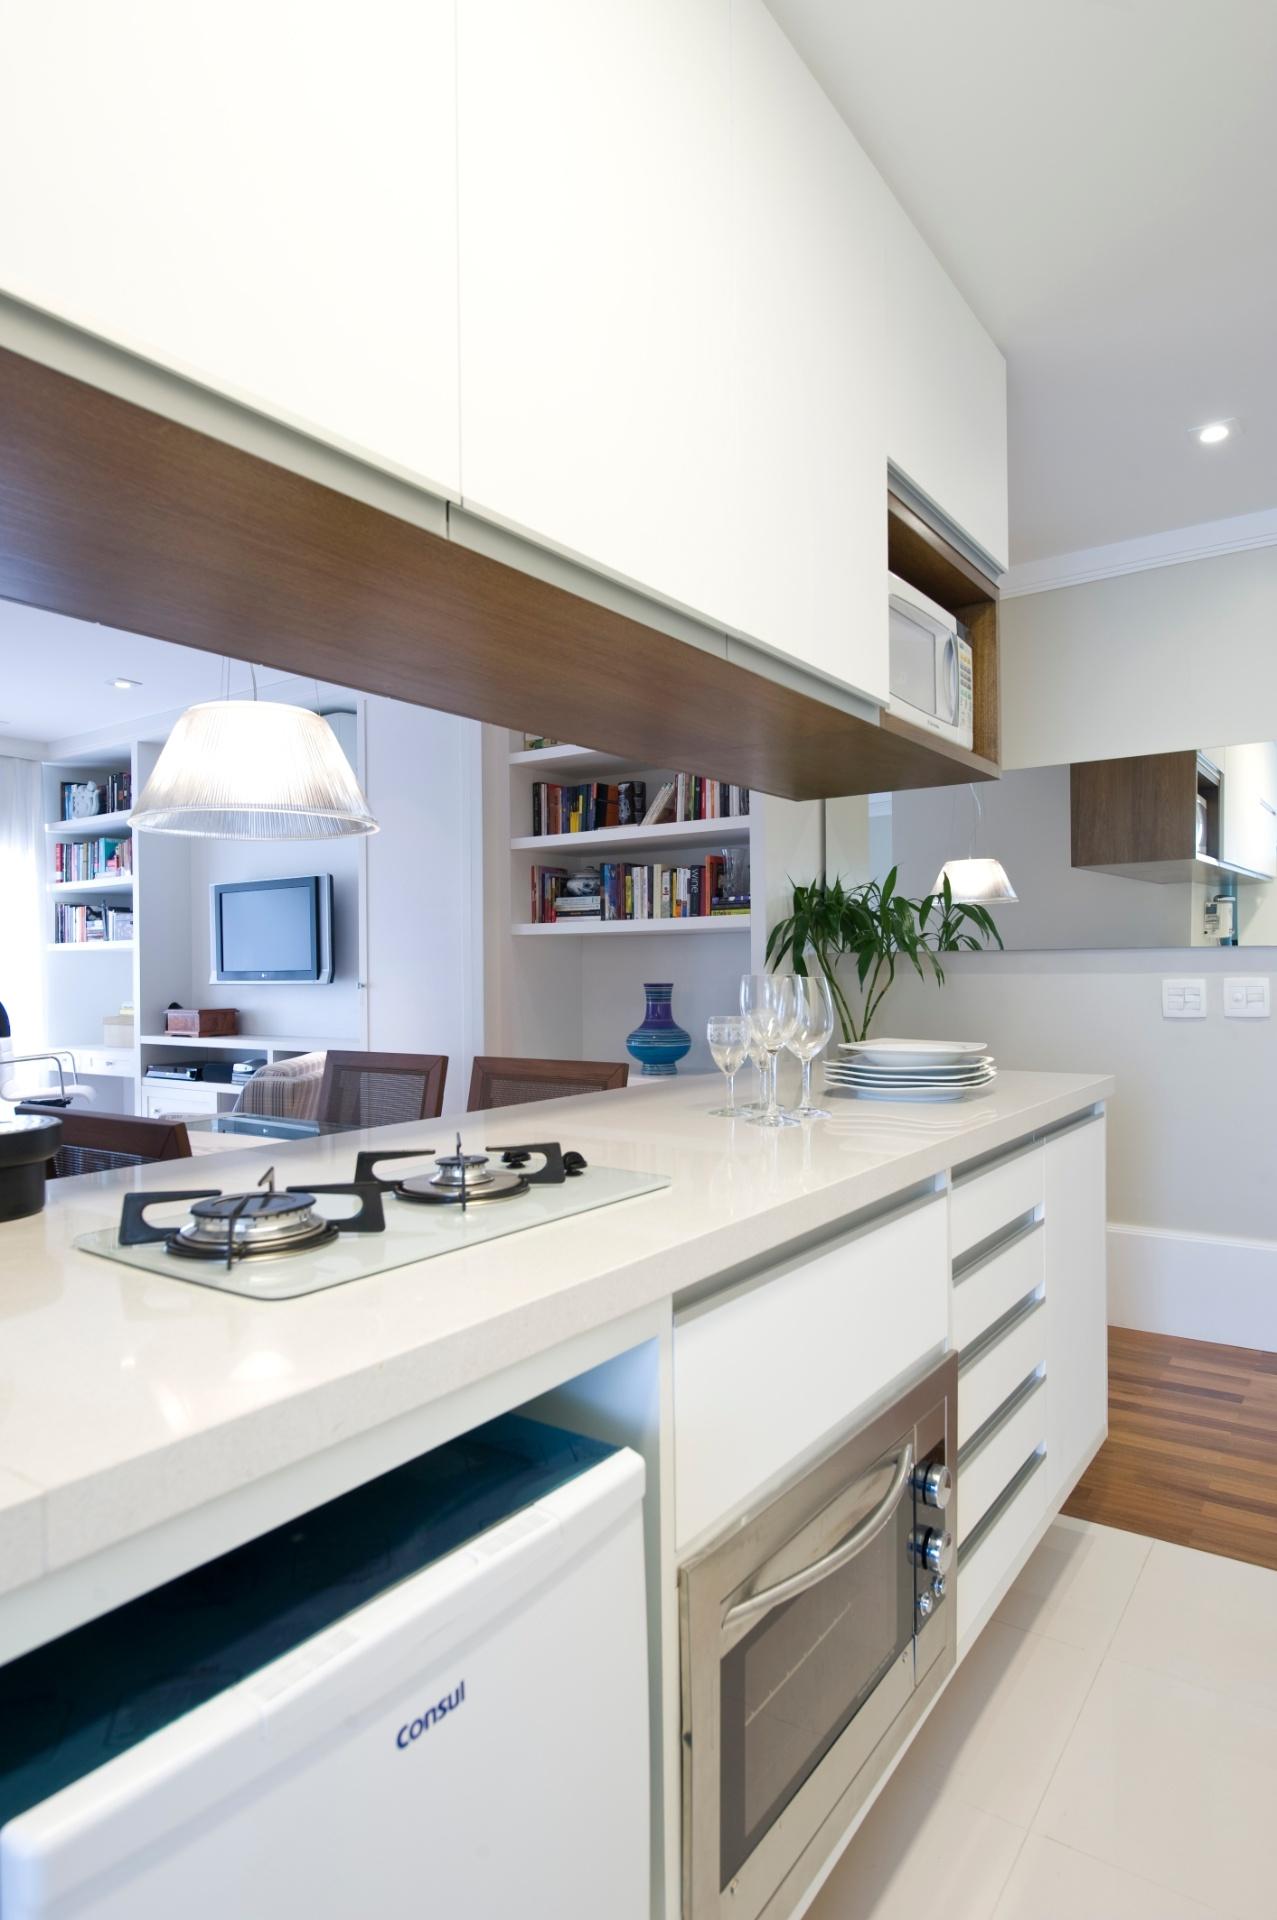 A bancada branca desta cozinha integrada tem eletrodomésticos embutidos e gavetas para a organização dos utensílios. Para oferecer mais espaço para o armazenamento, o escritório In House projetou um armário superior, branco também, mas com detalhes em madeira escura